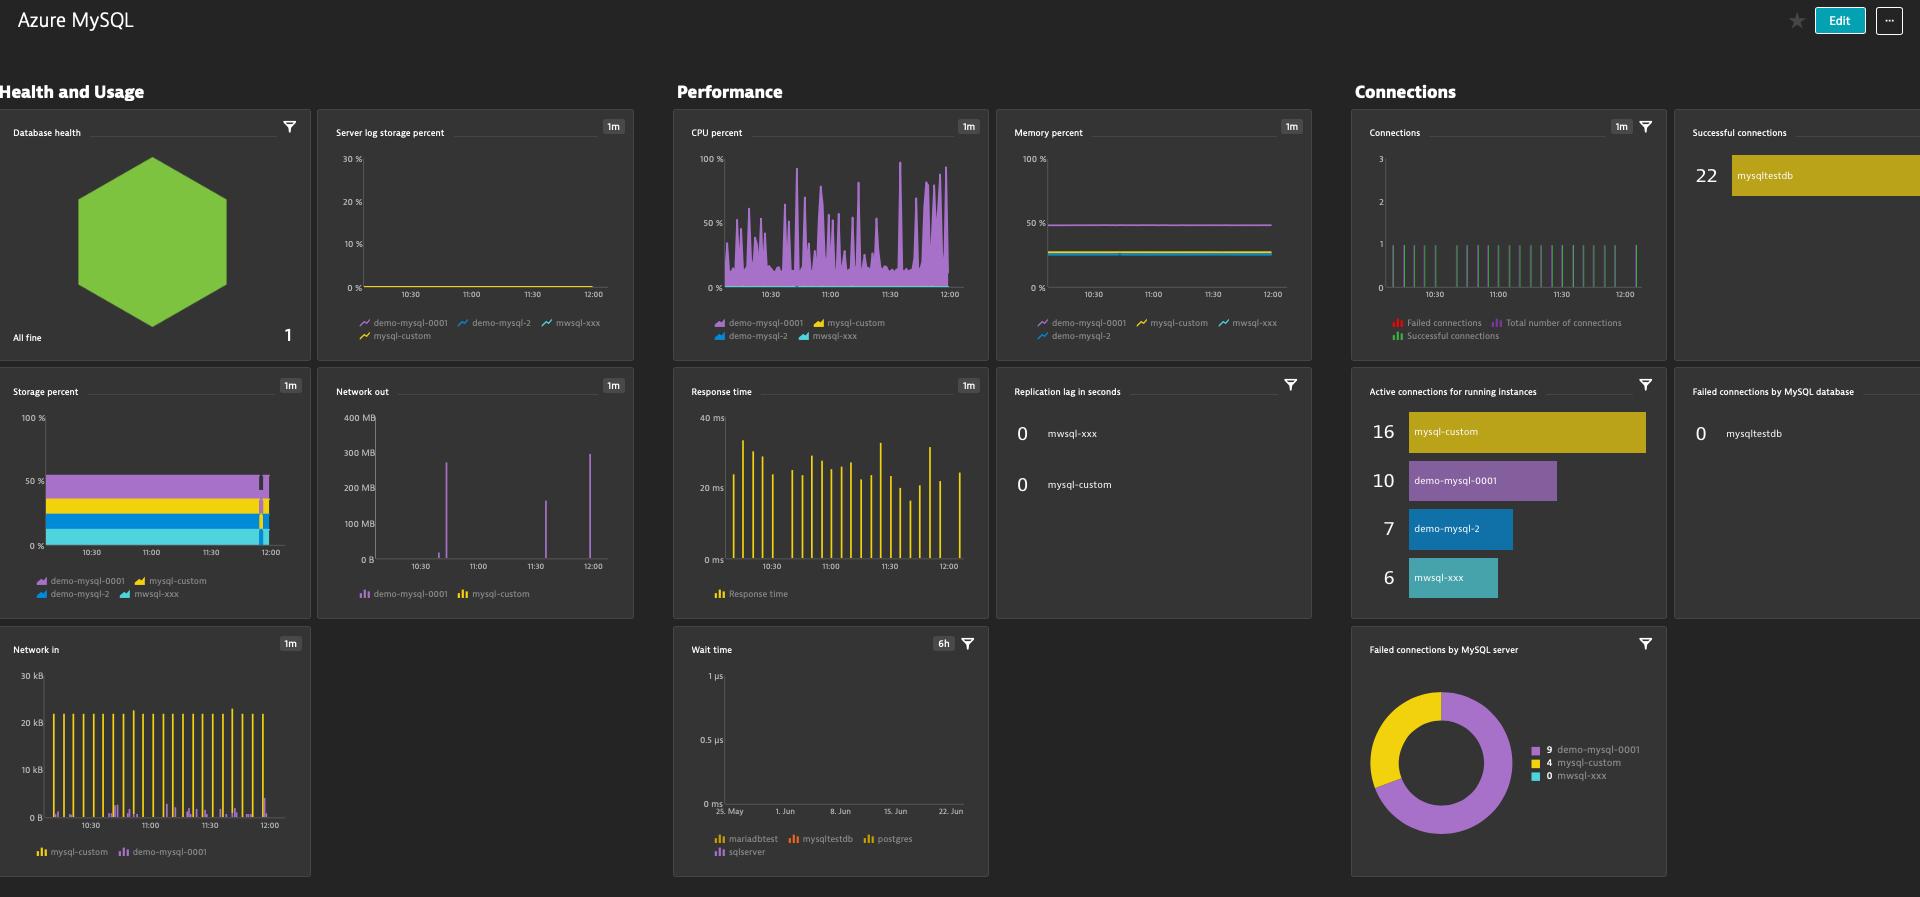 Azure MySQL dashboard